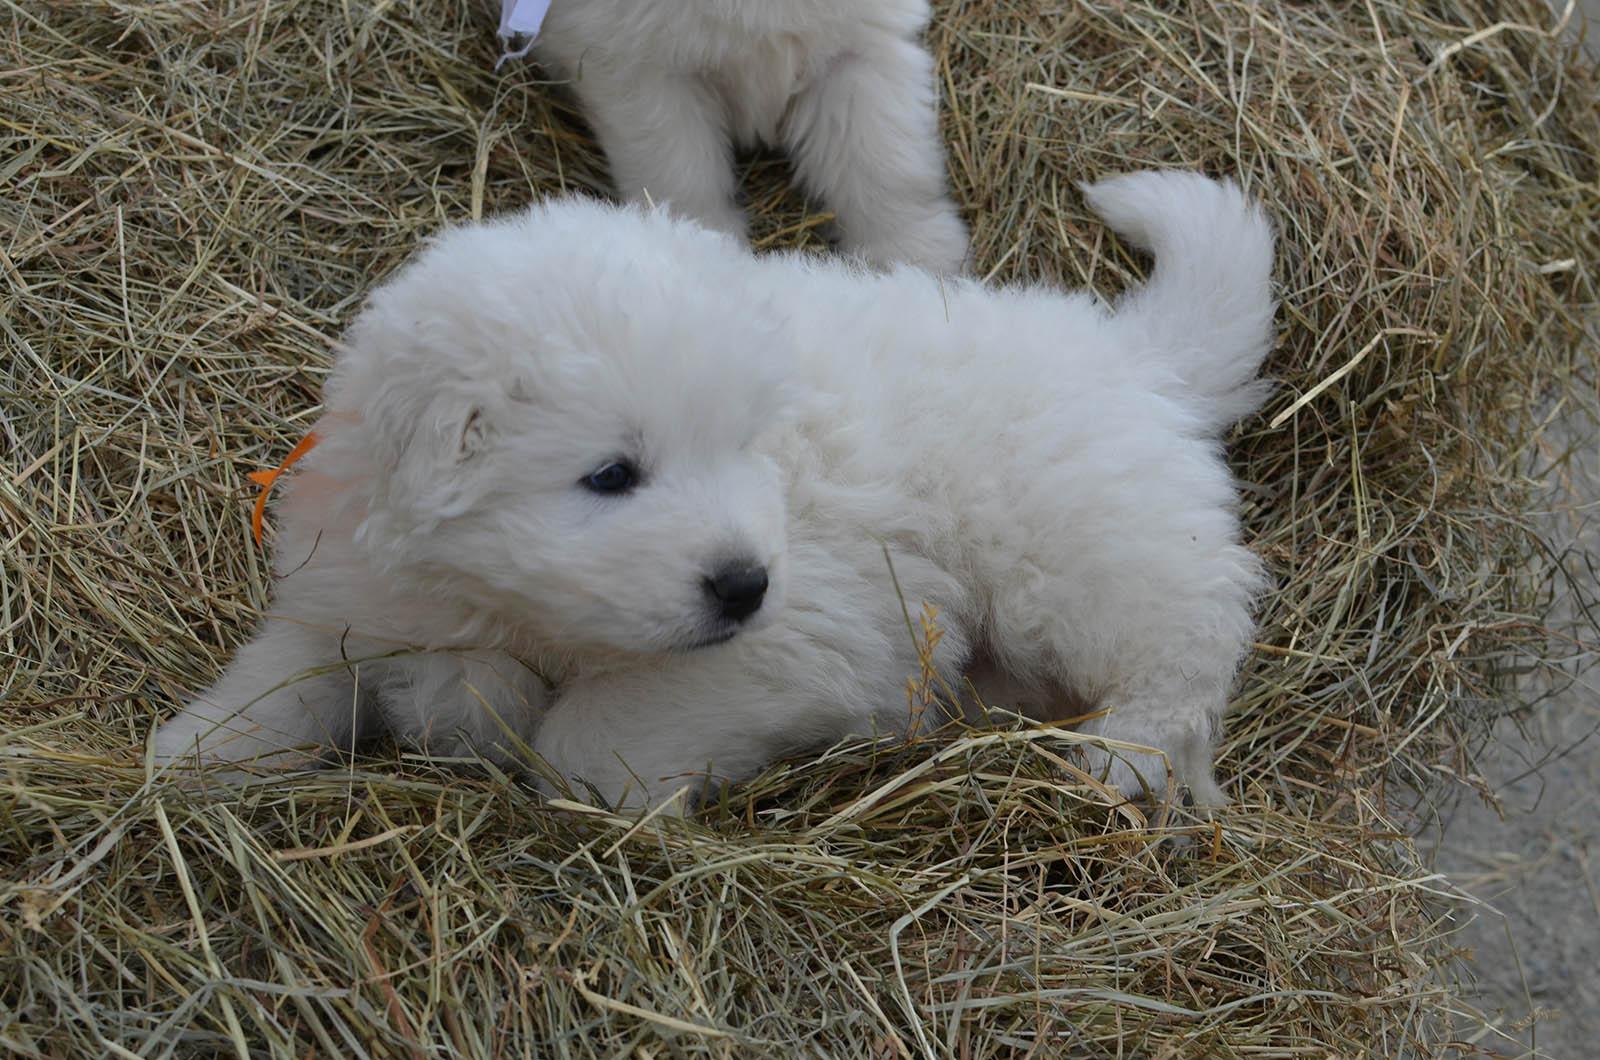 un cucciolo di pastore maremmano sdraiato su del fieno